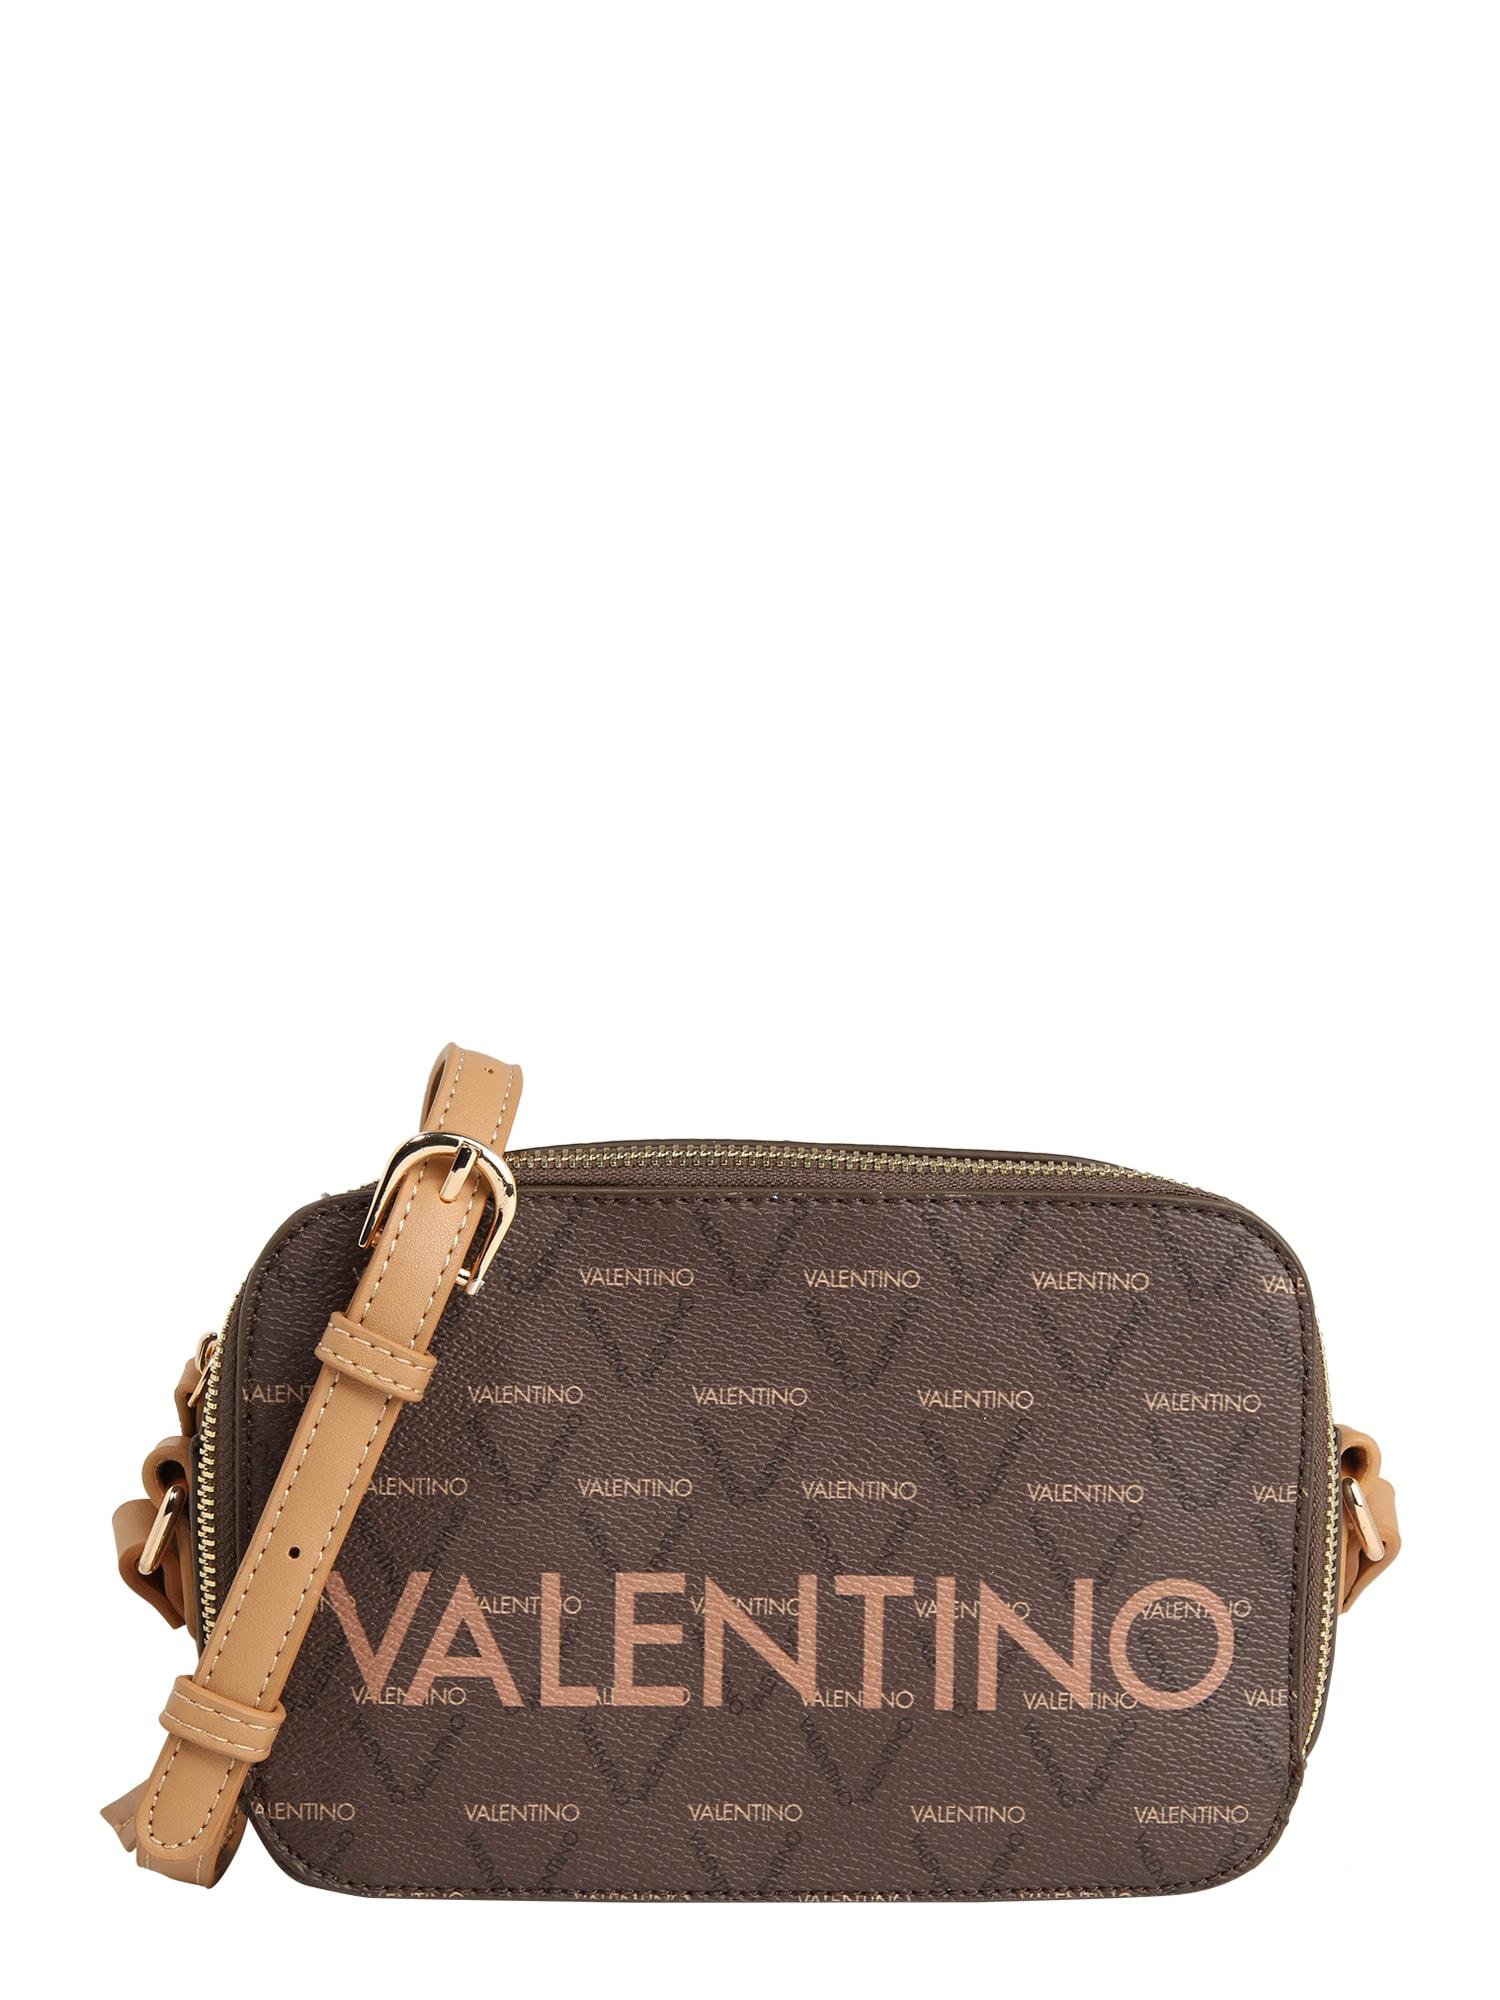 Valentino by Mario Valentino Taška přes rameno 'Liuto'  bílá / tmavě hnědá / černá / světle hnědá